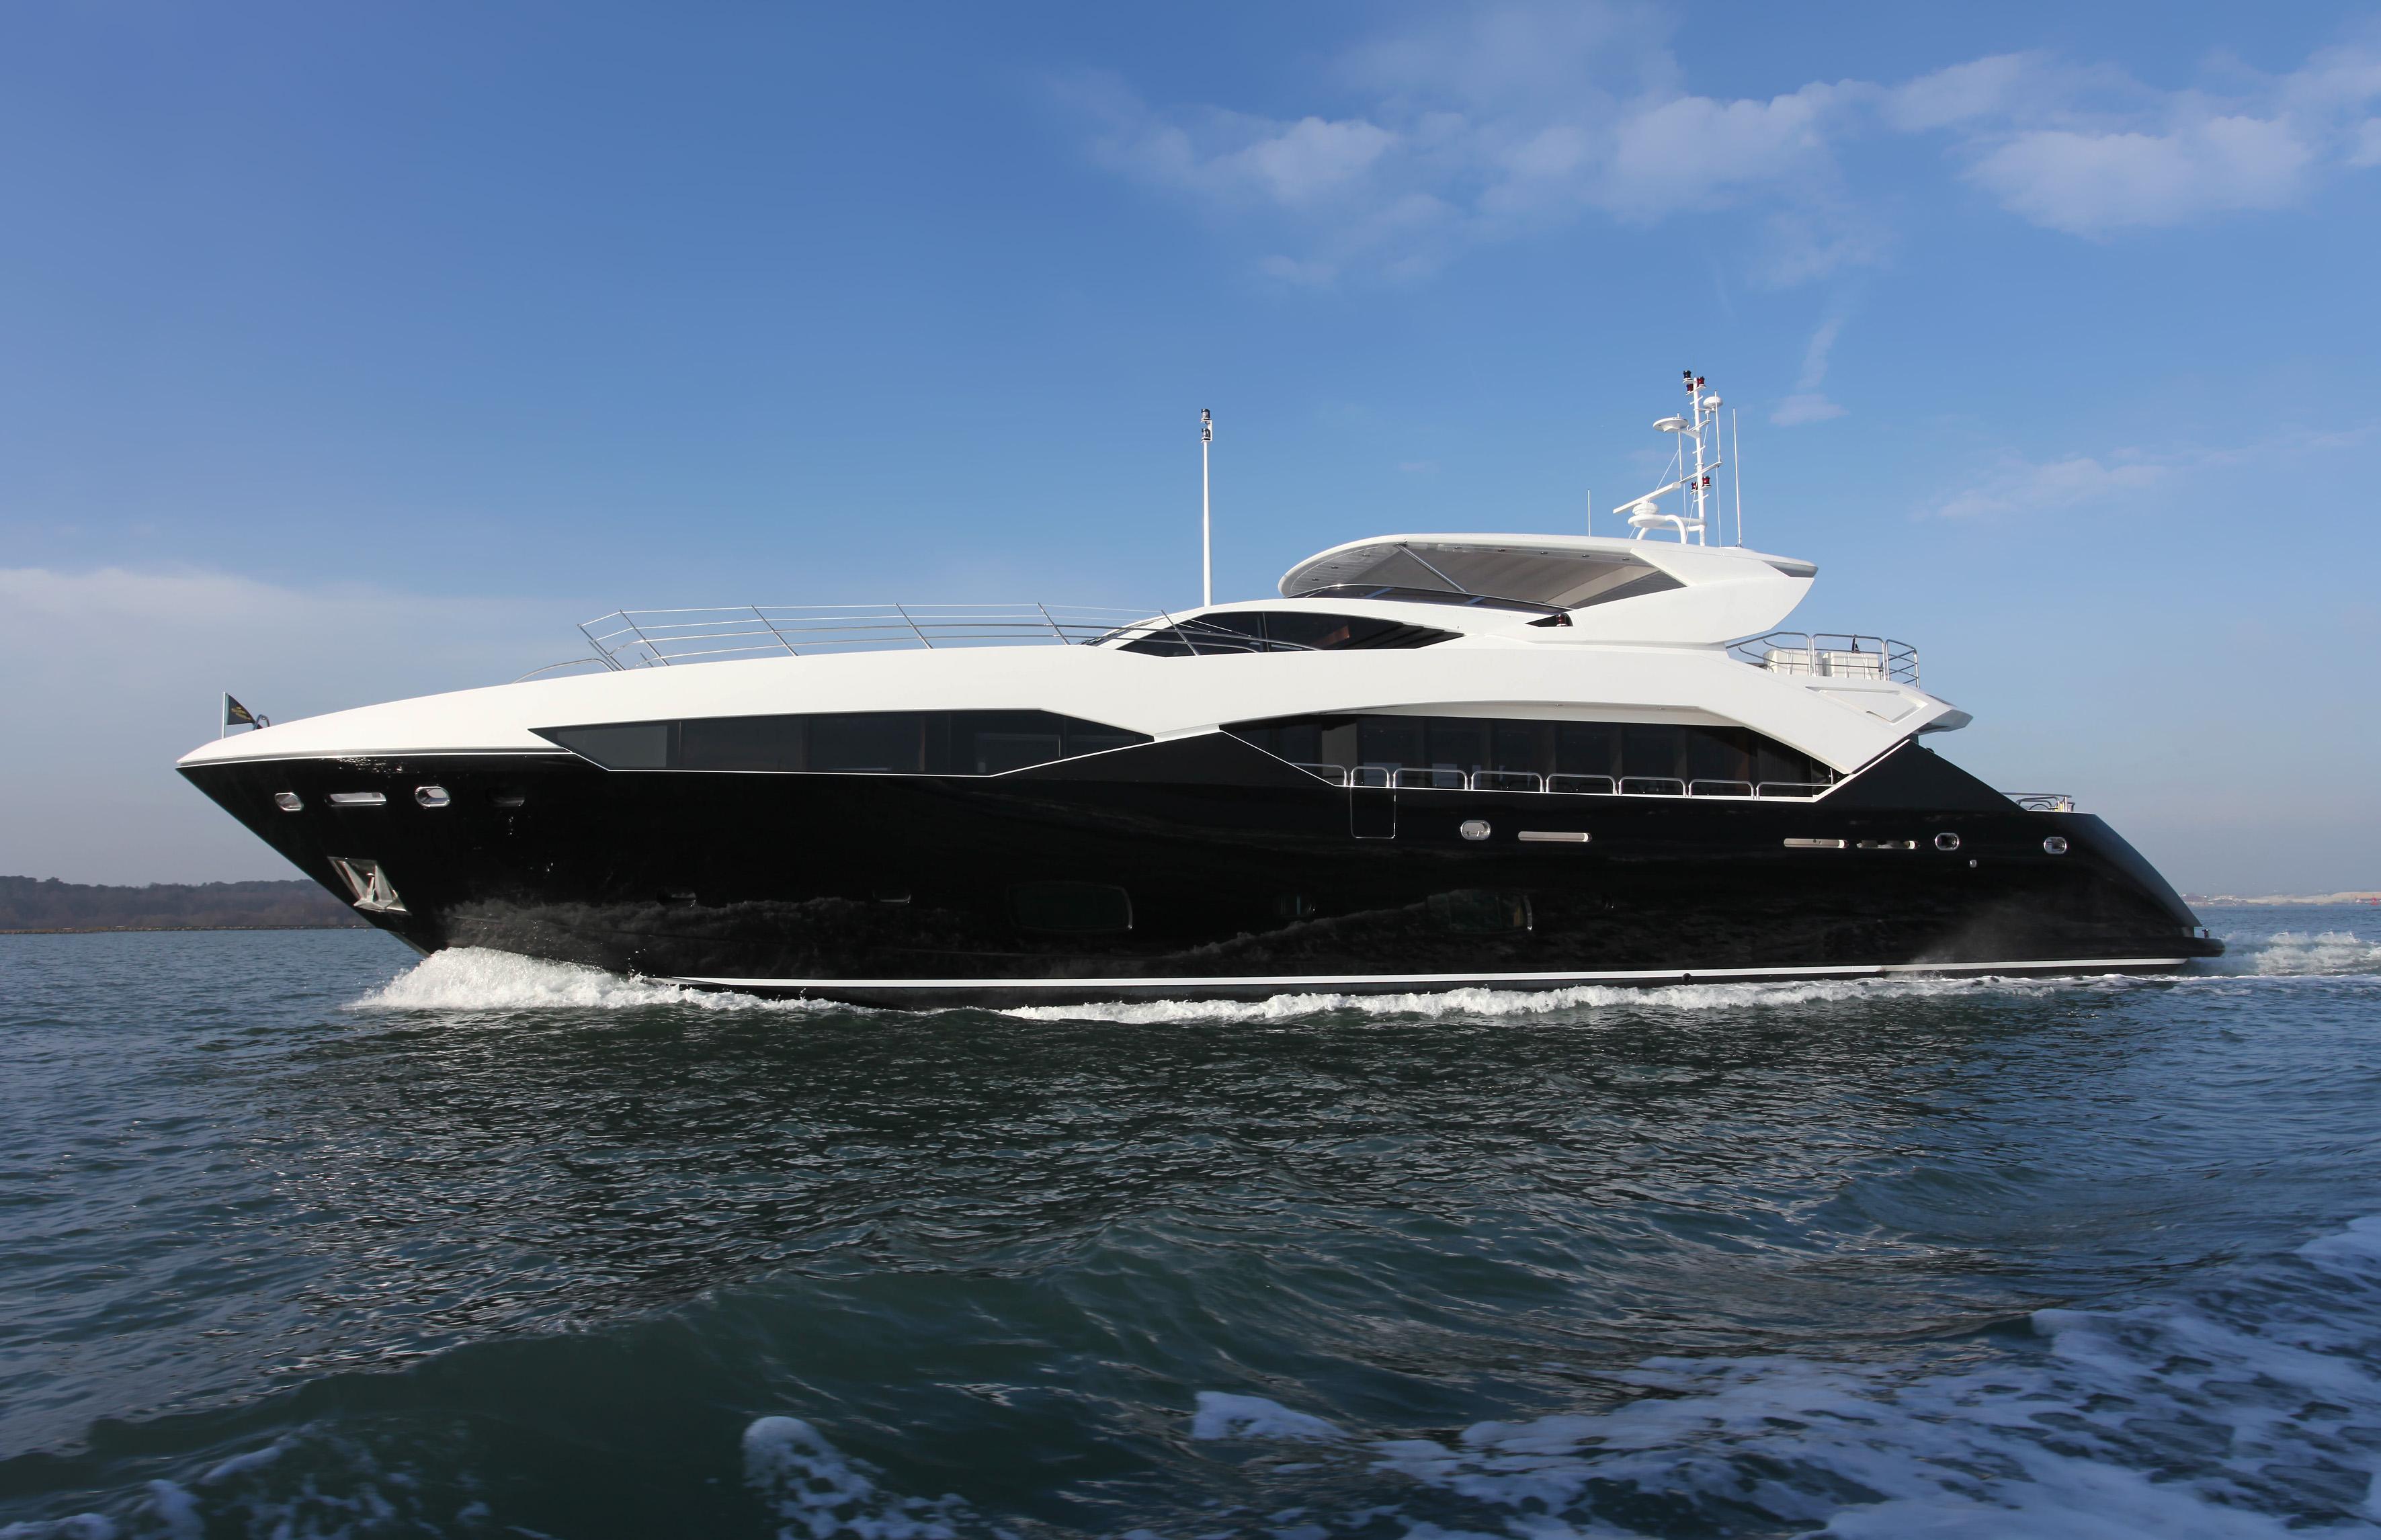 Sunseeker 115 Sport Yacht Image Courtesy Of Sunseeker